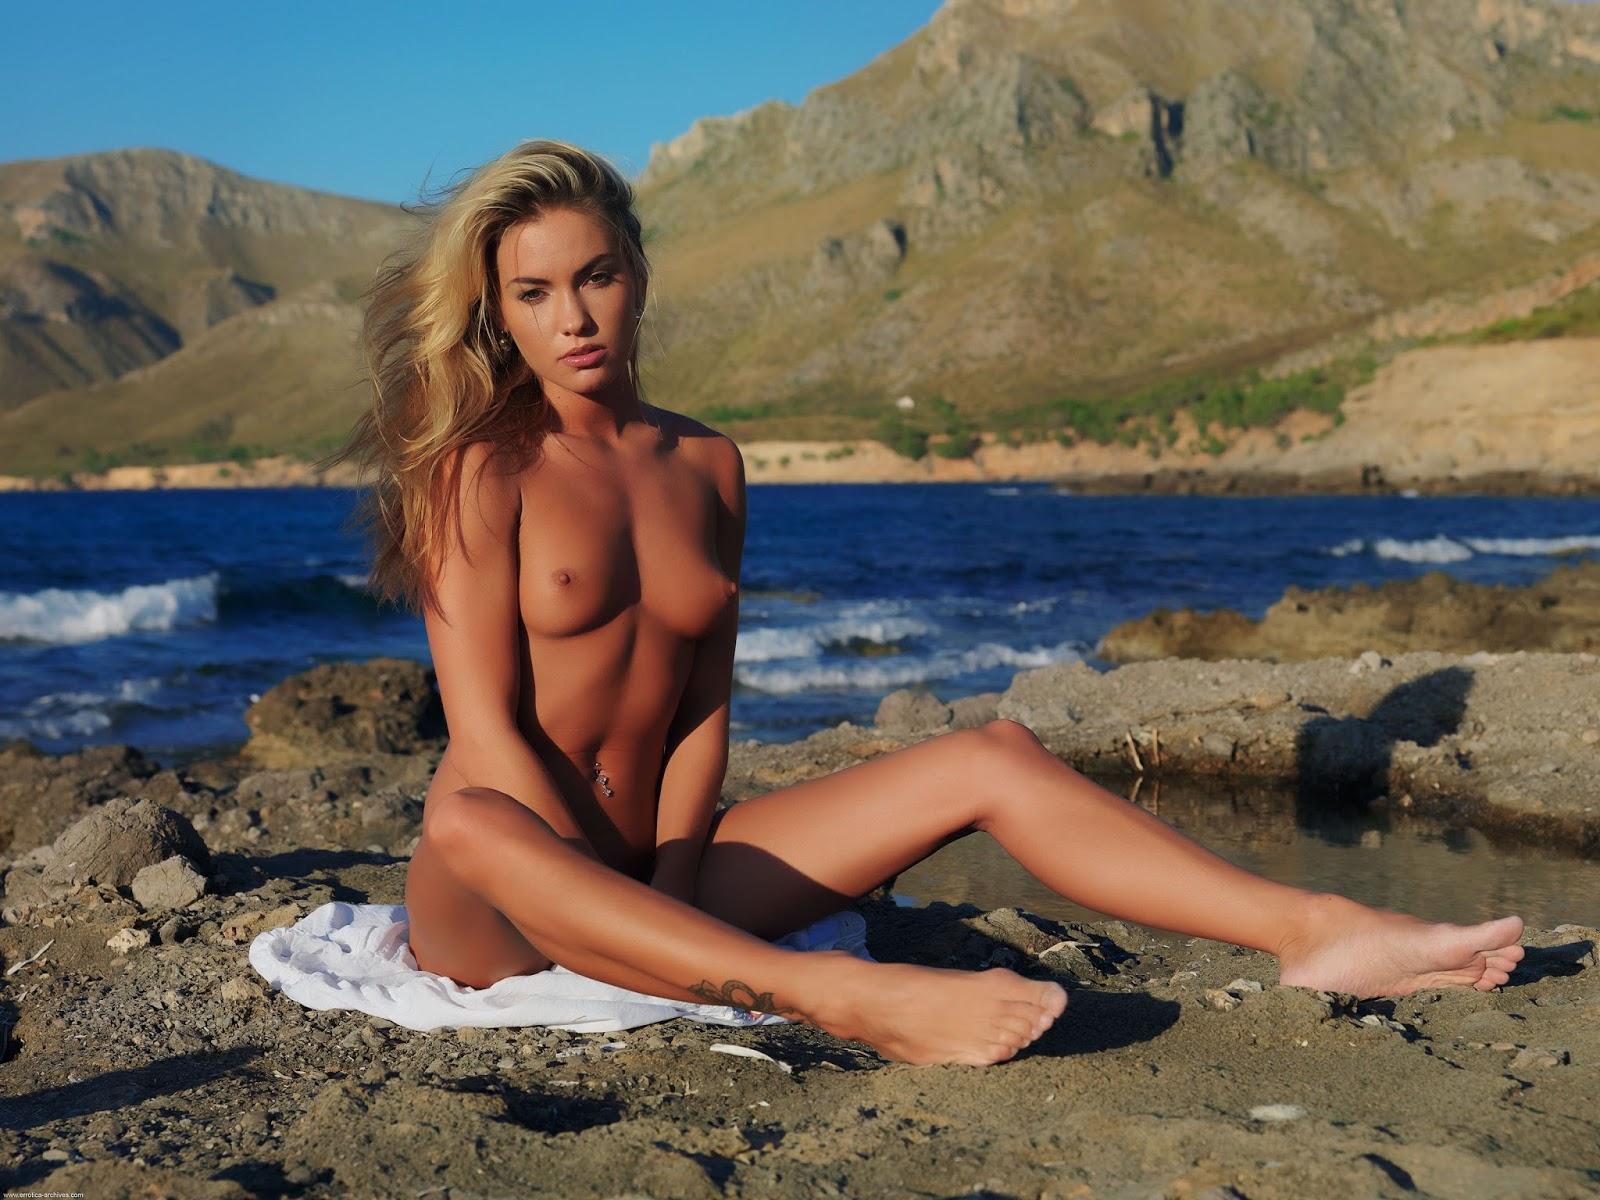 Голые девушки из крыма, порно фото лысых баб